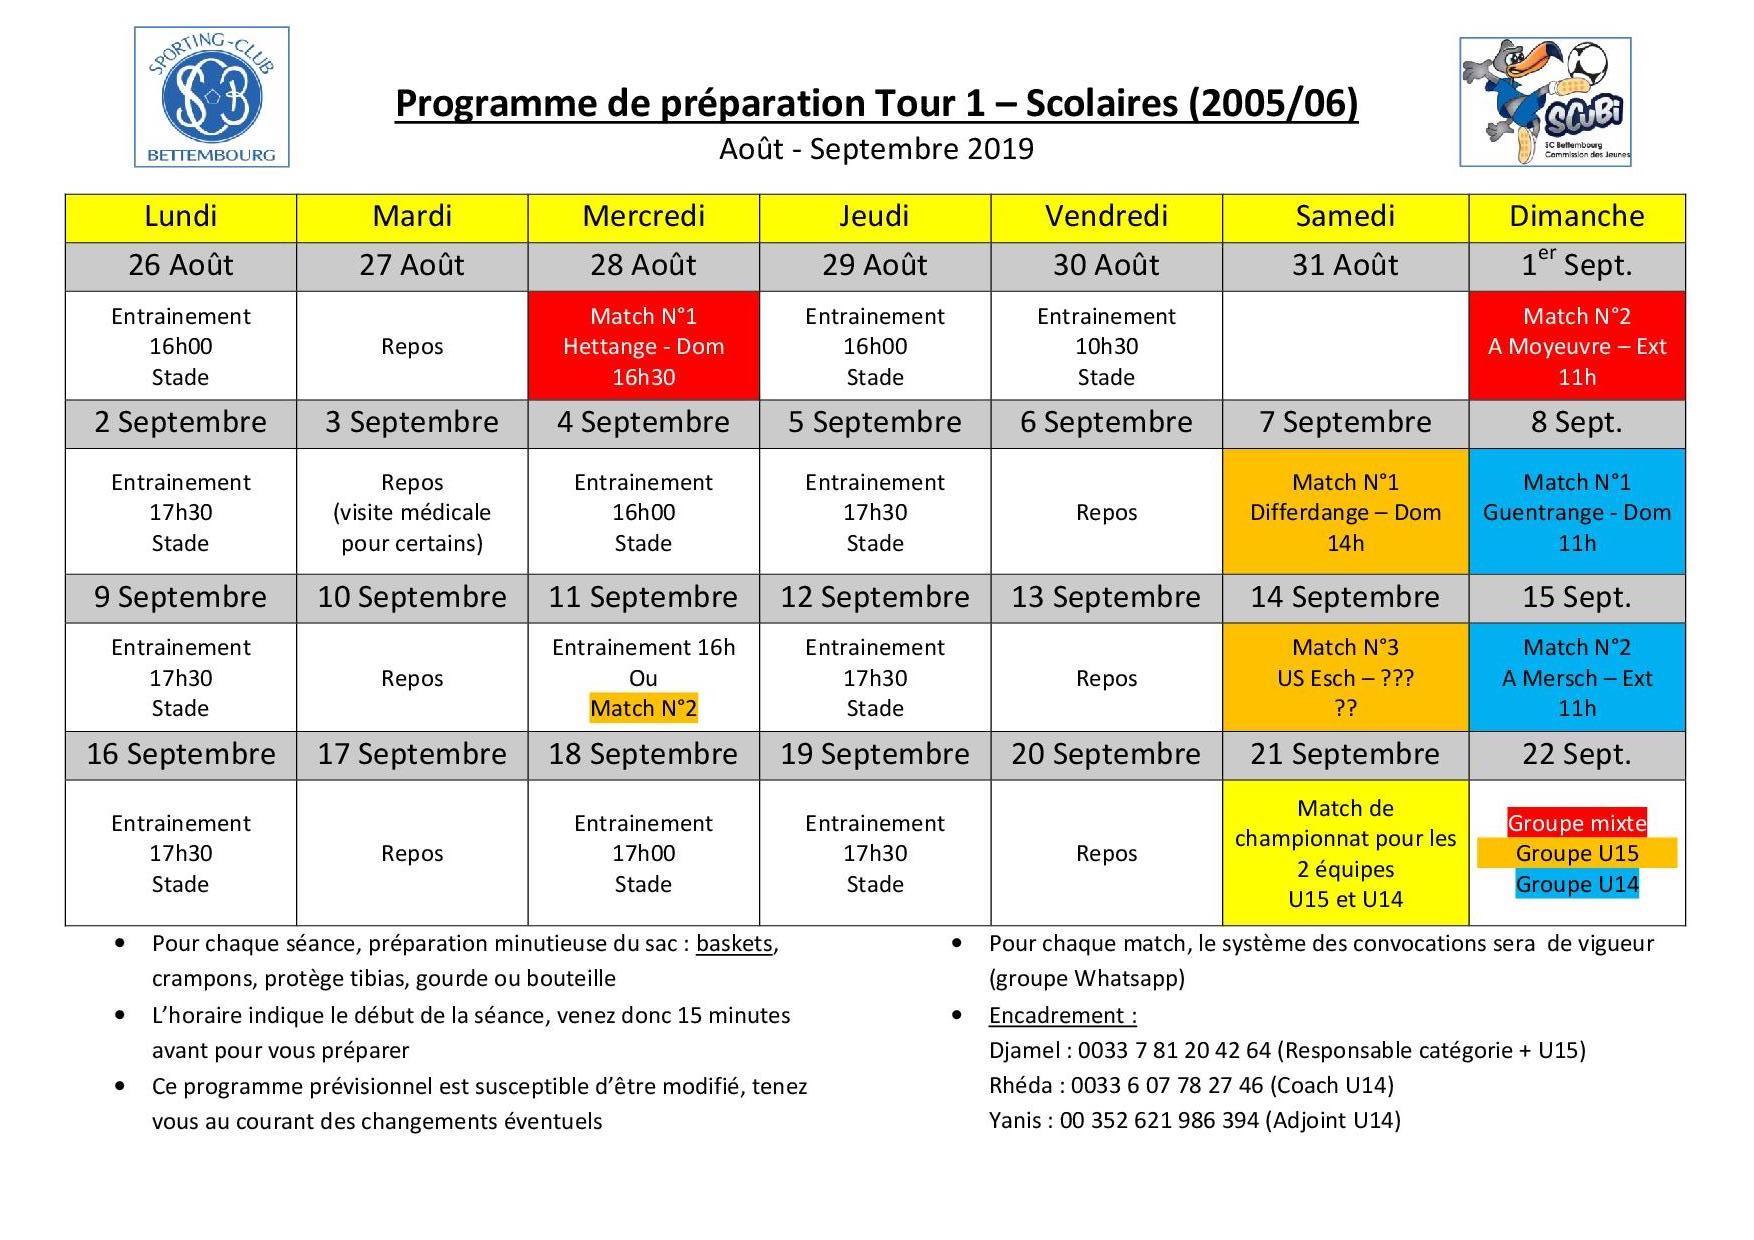 Programme Scolaires - Préparation estivale tour 1 - 2019 2020